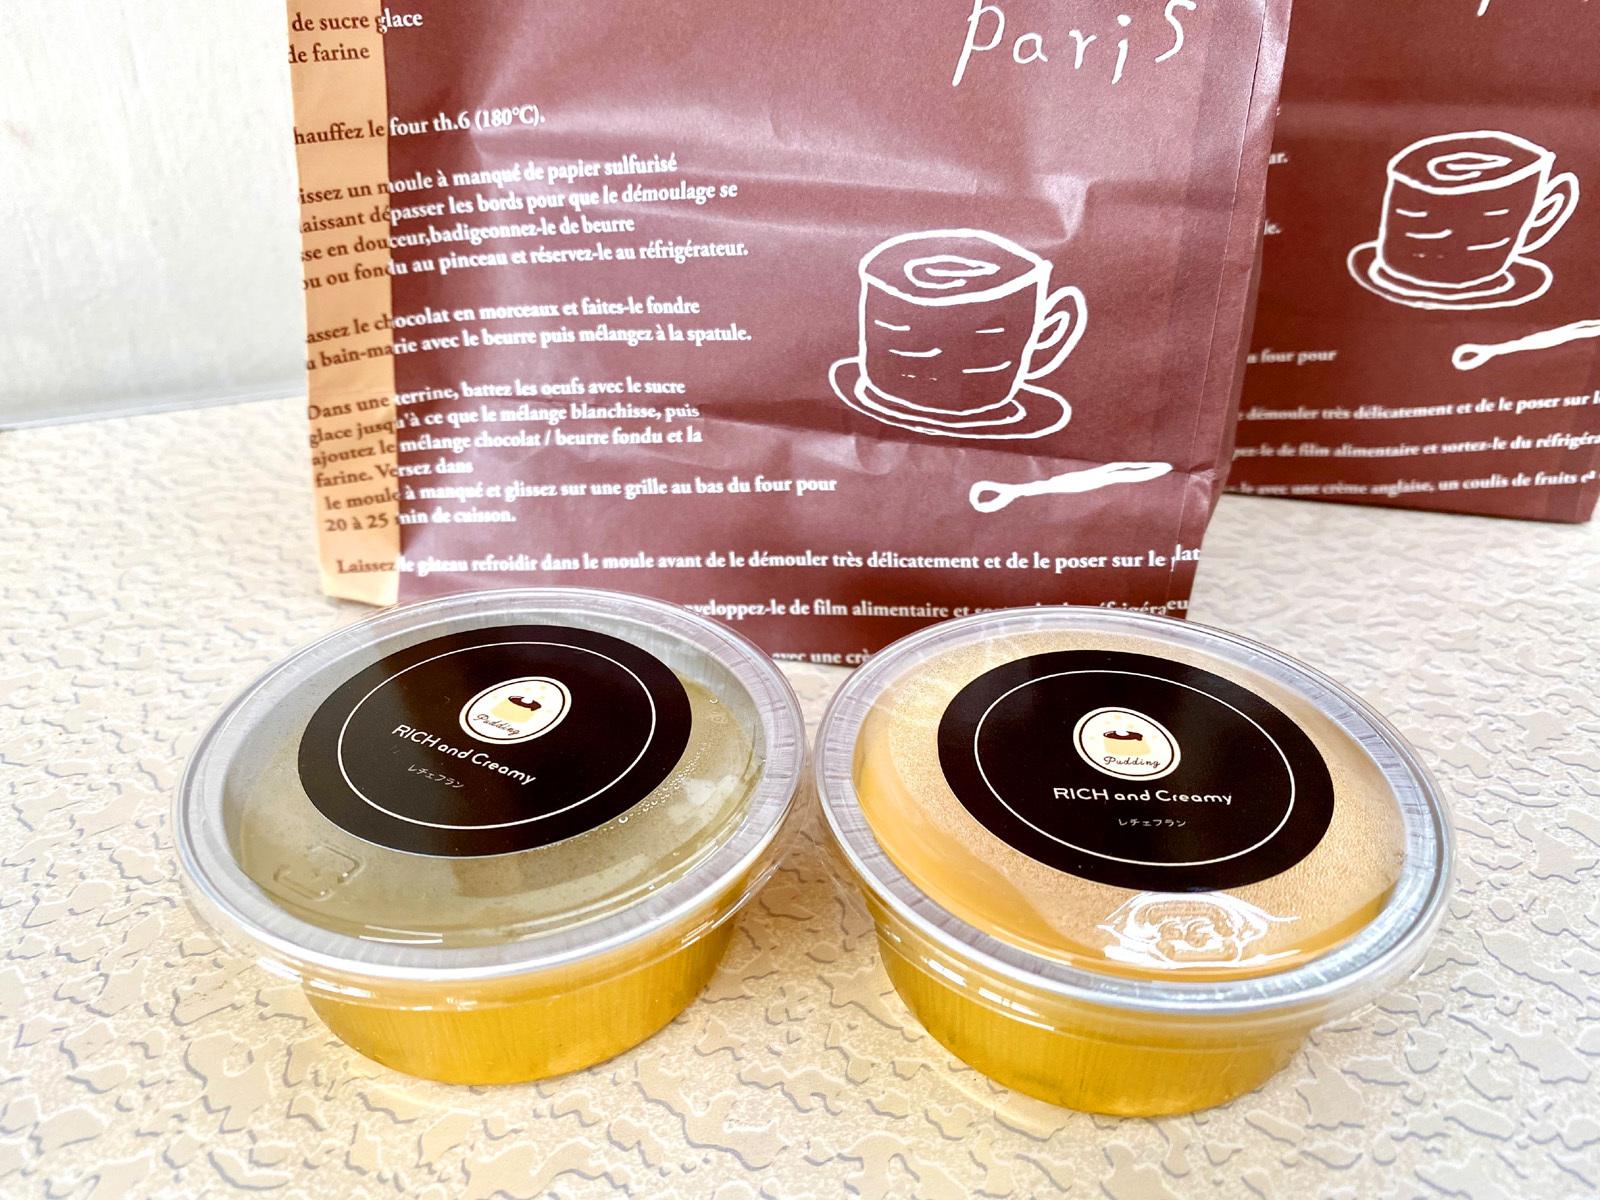 Richi & Creamy 01 レチェフラン 抹茶、プレーン